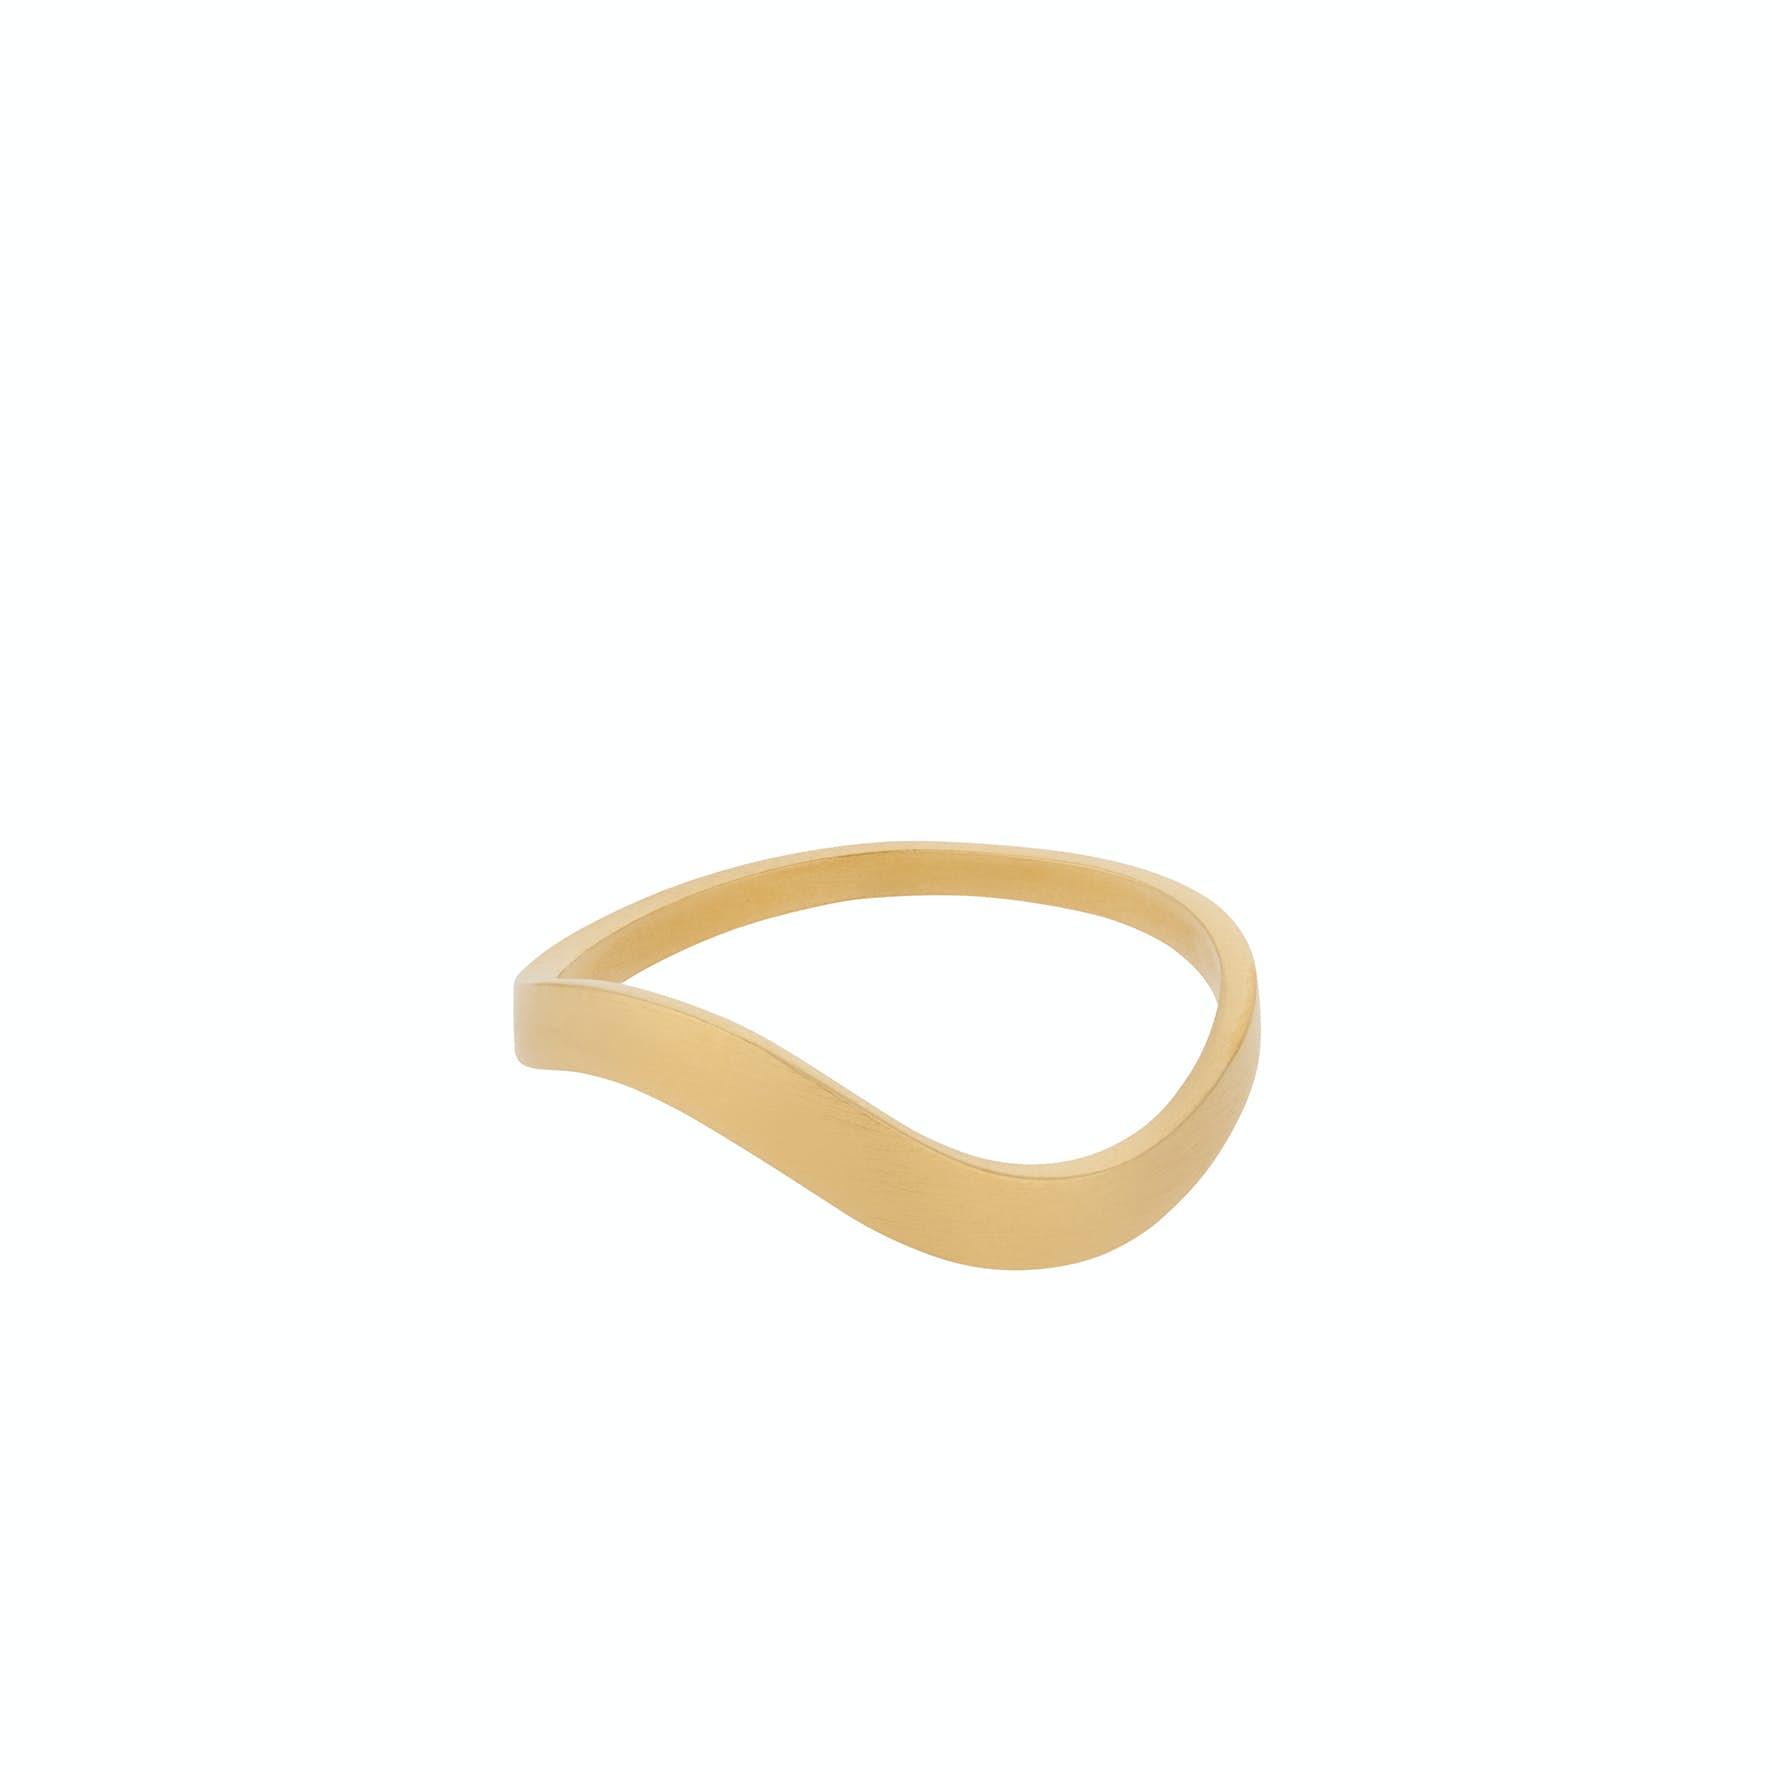 Escape Ring fra Pernille Corydon i Forgyldt-Sølv Sterling 925